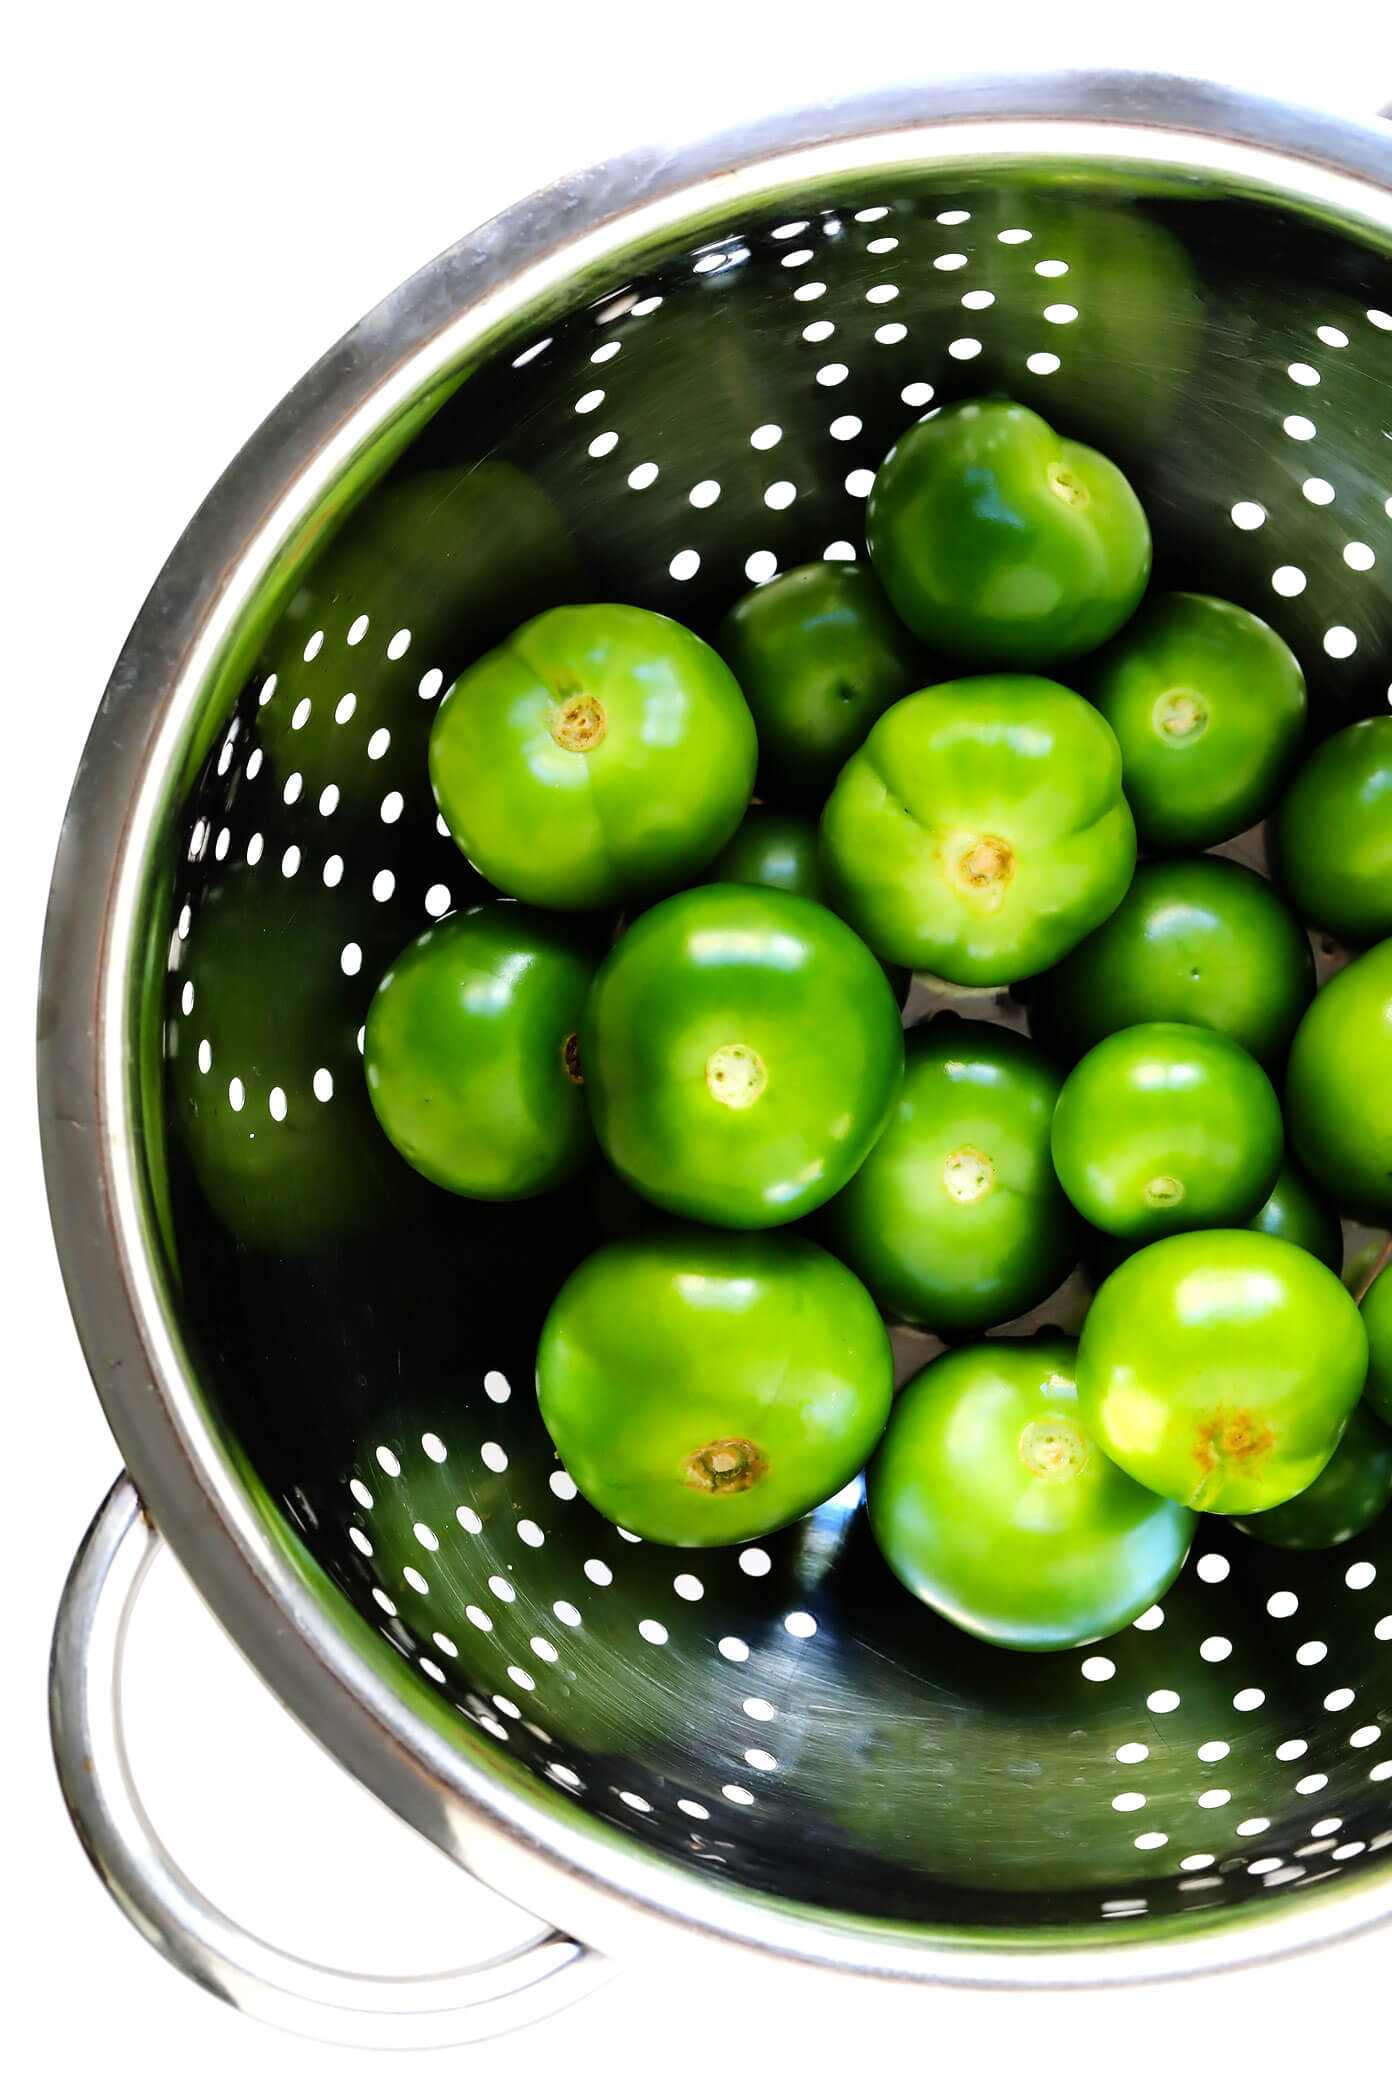 Tomatillos frescos